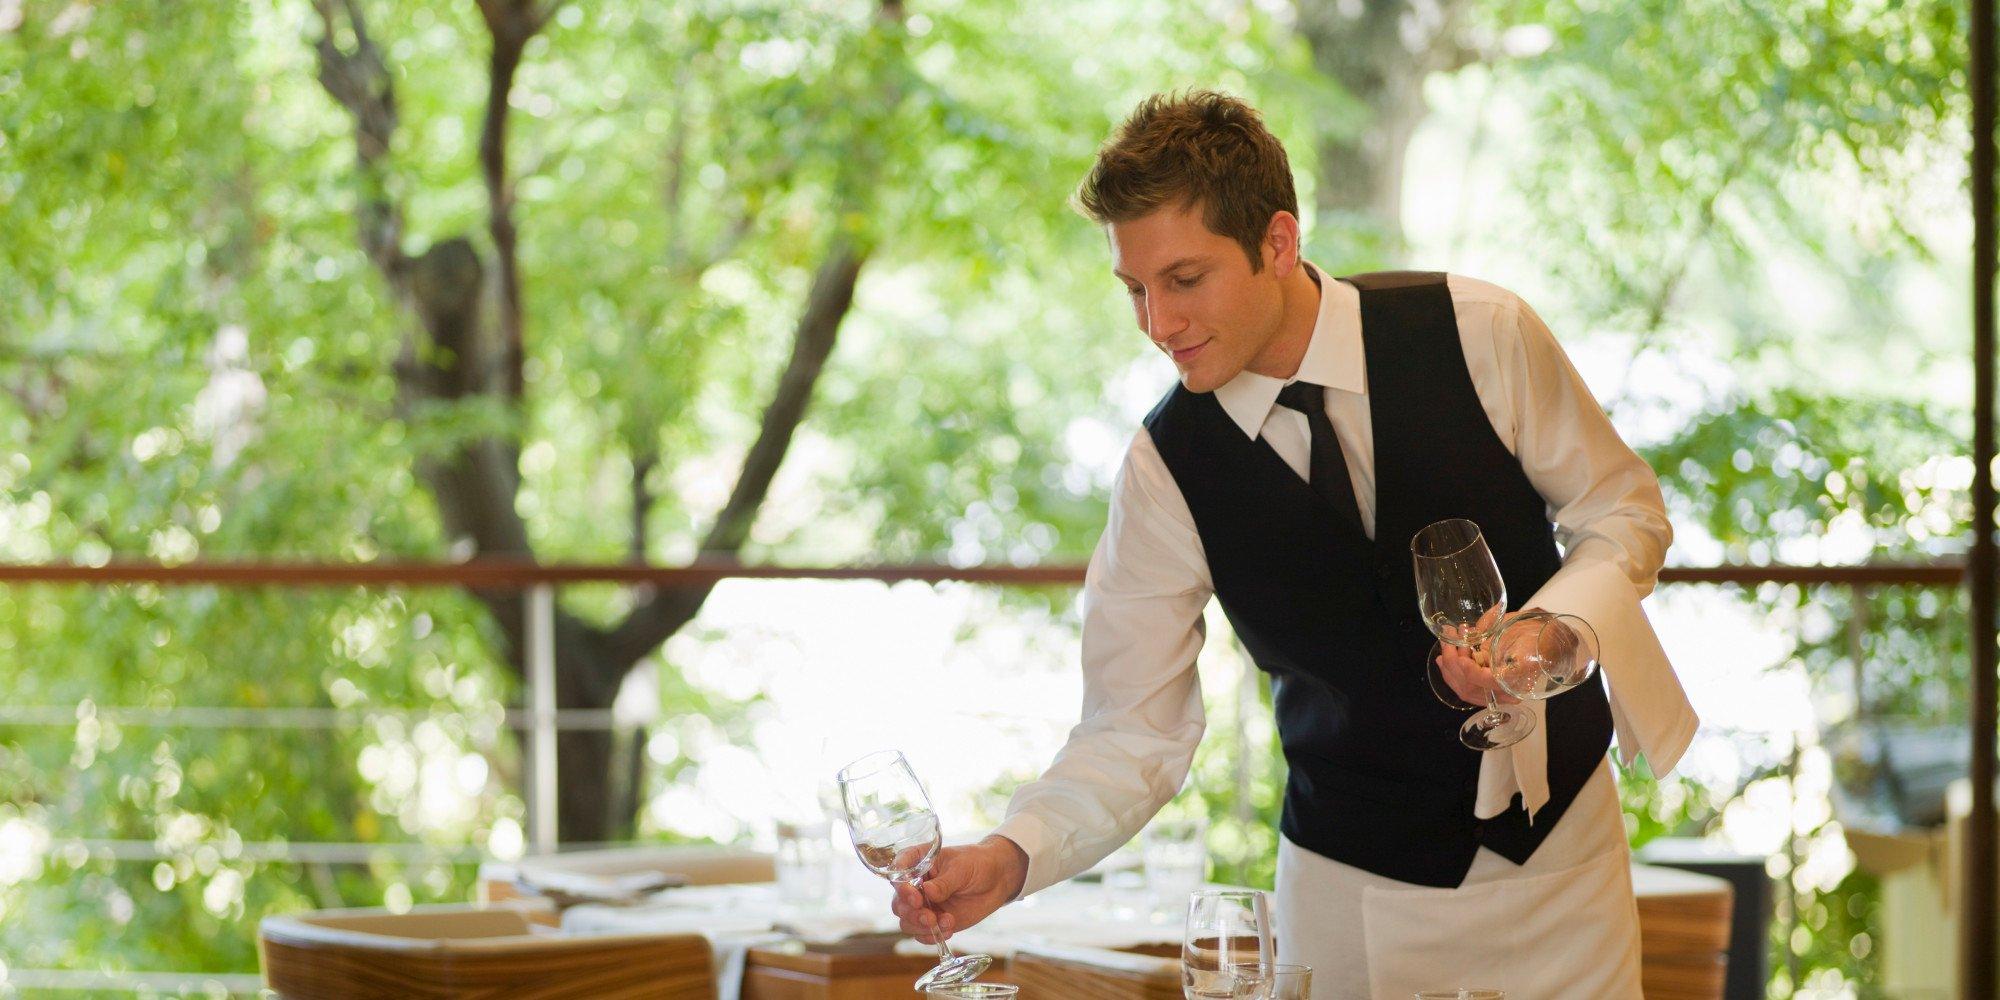 http://qtxasset.com/2016-11/Hotel-Restaurant.jpg?uDYbuZHKJ0N984VMVUI0YrqS5juLSYFu